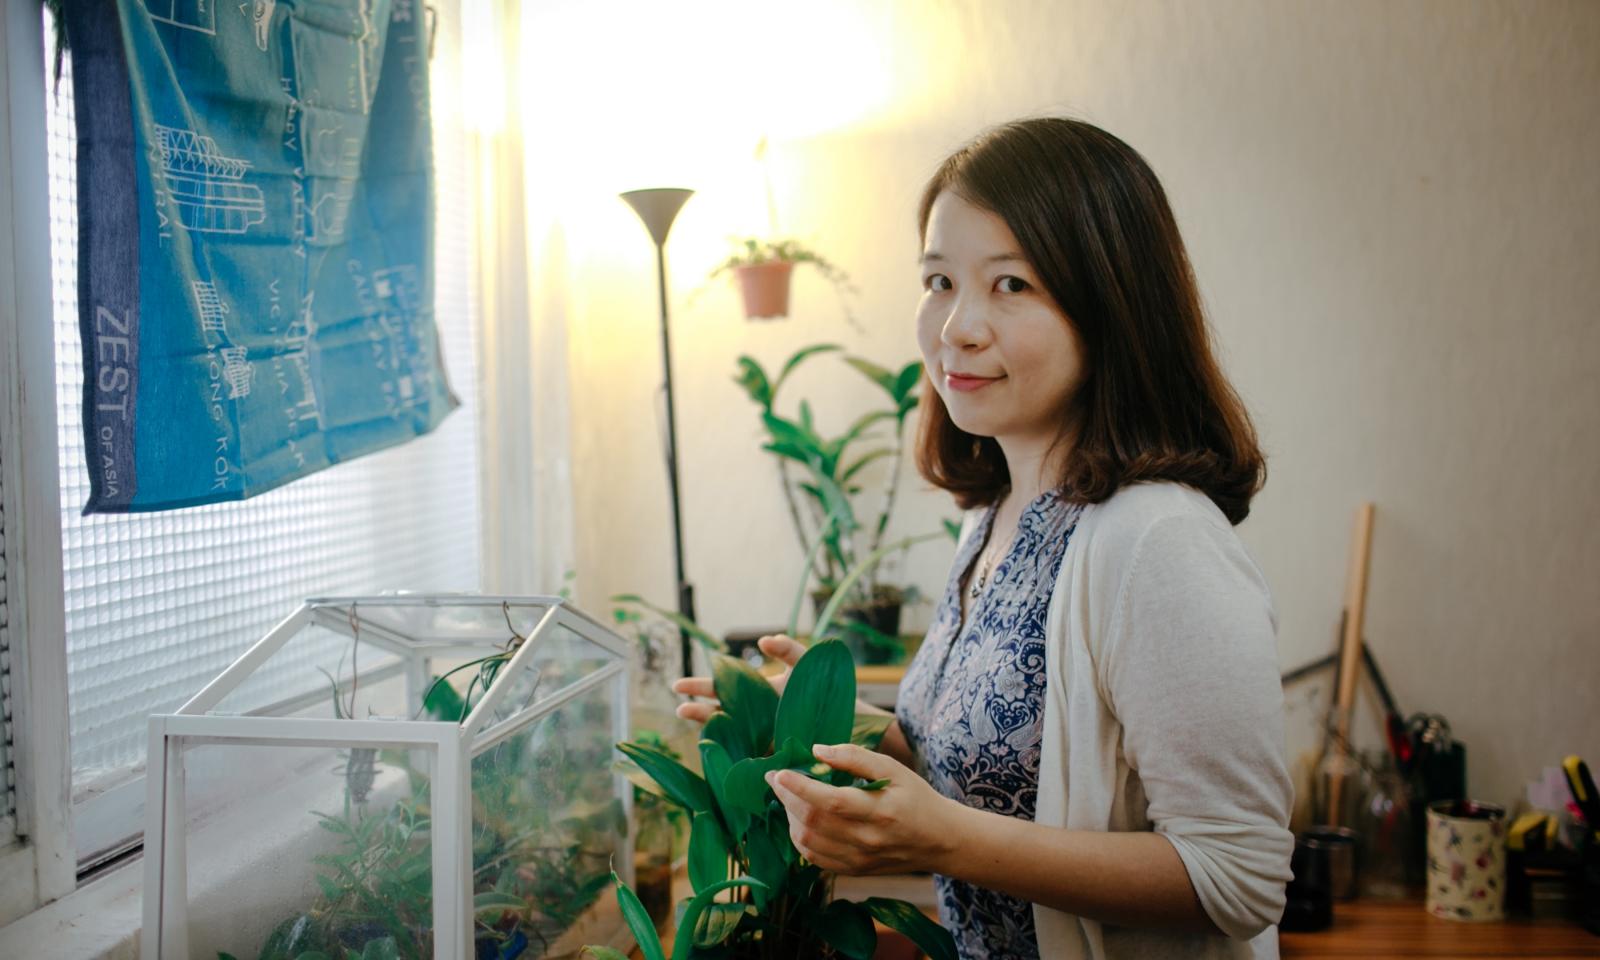 節制寫詩,抗拒賣老 ——專訪楊佳嫻